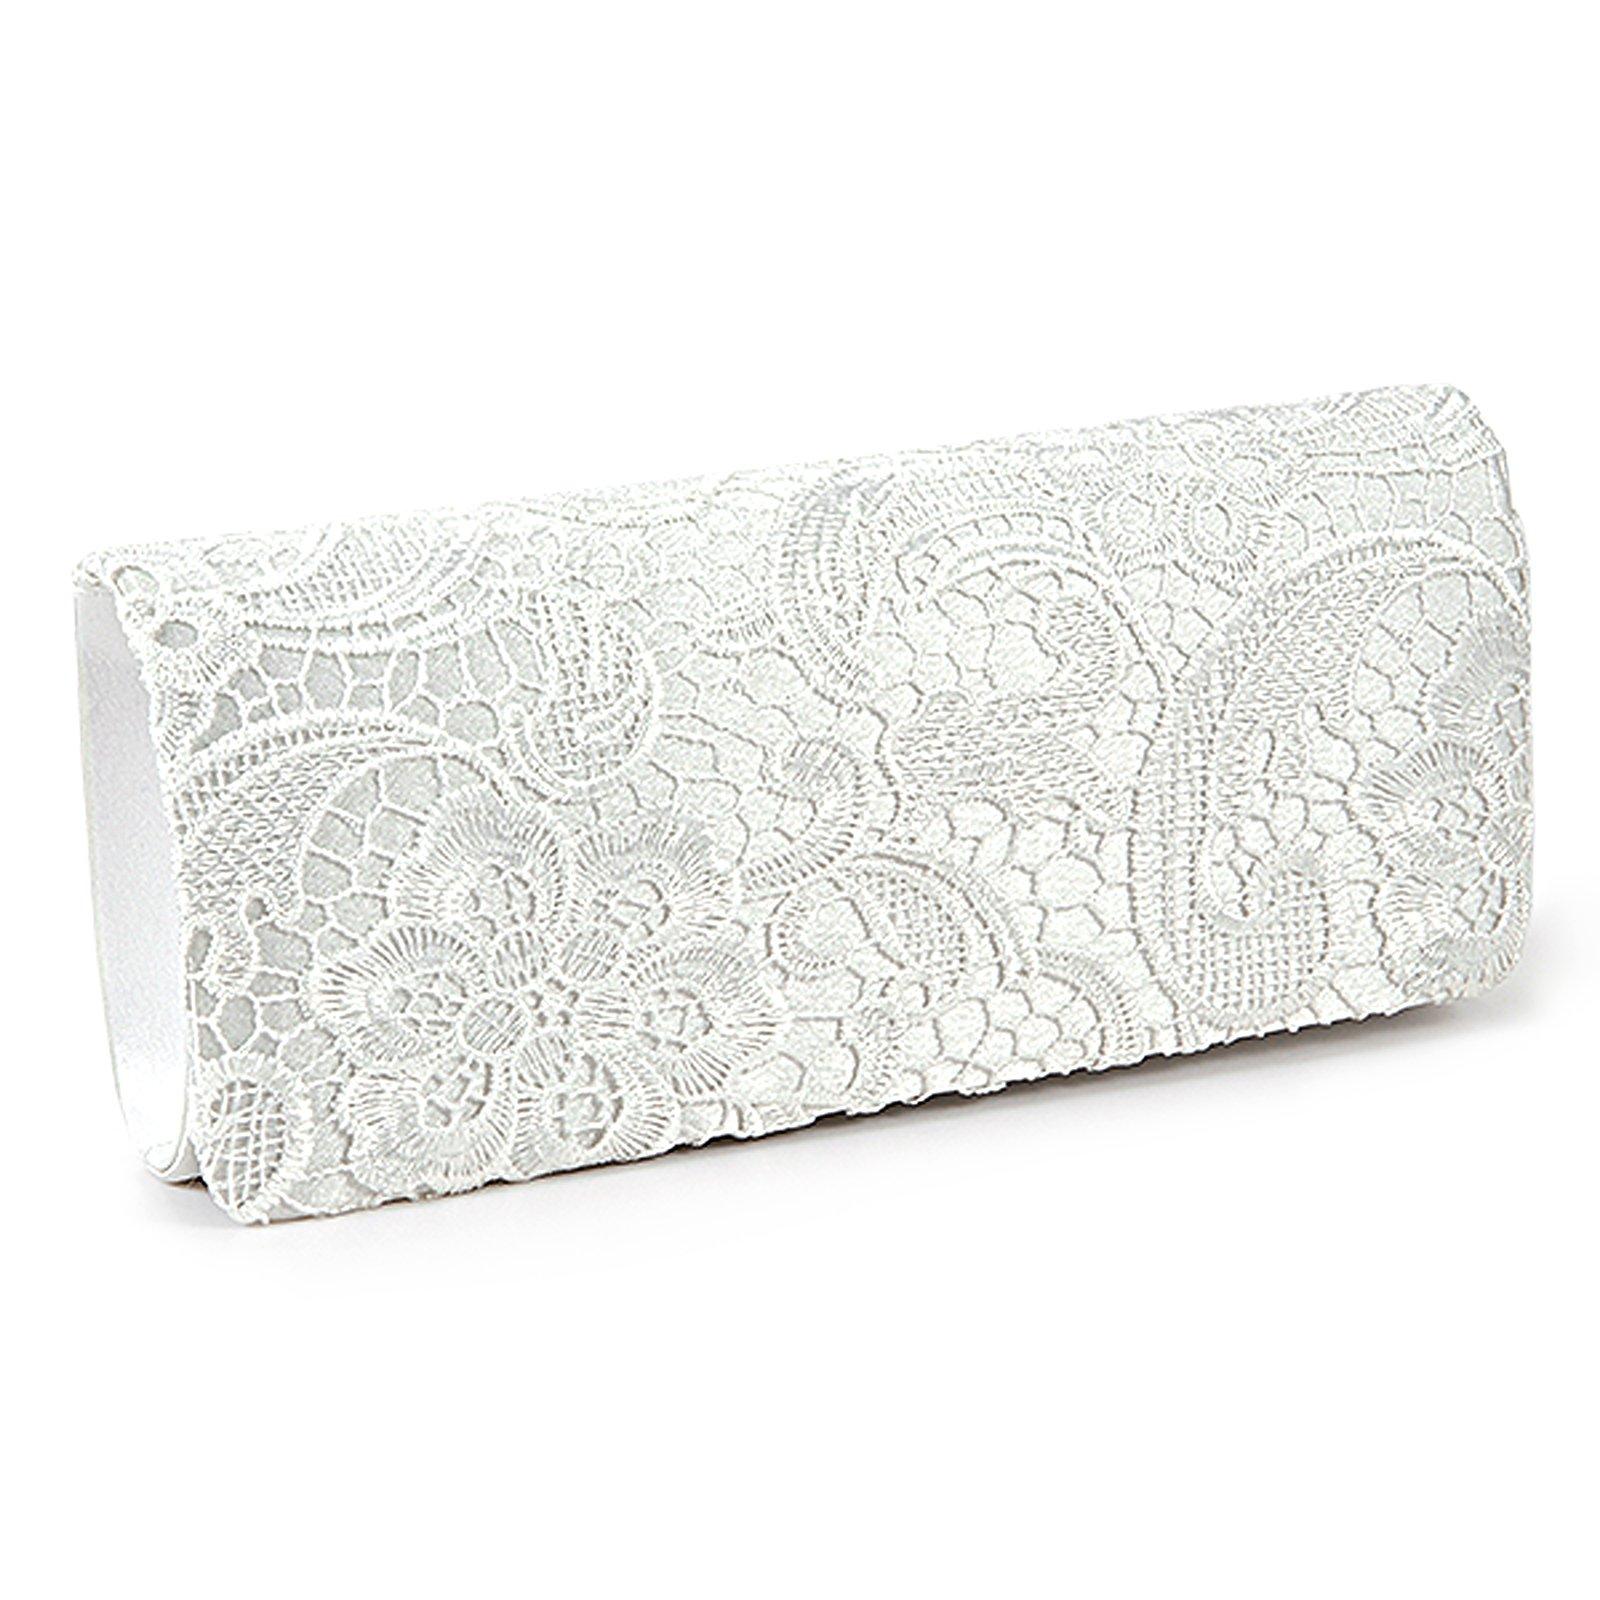 SCYL mujeres Atan Satchel Floral blanco de embrague bolso de la boda, Bolsos Mon